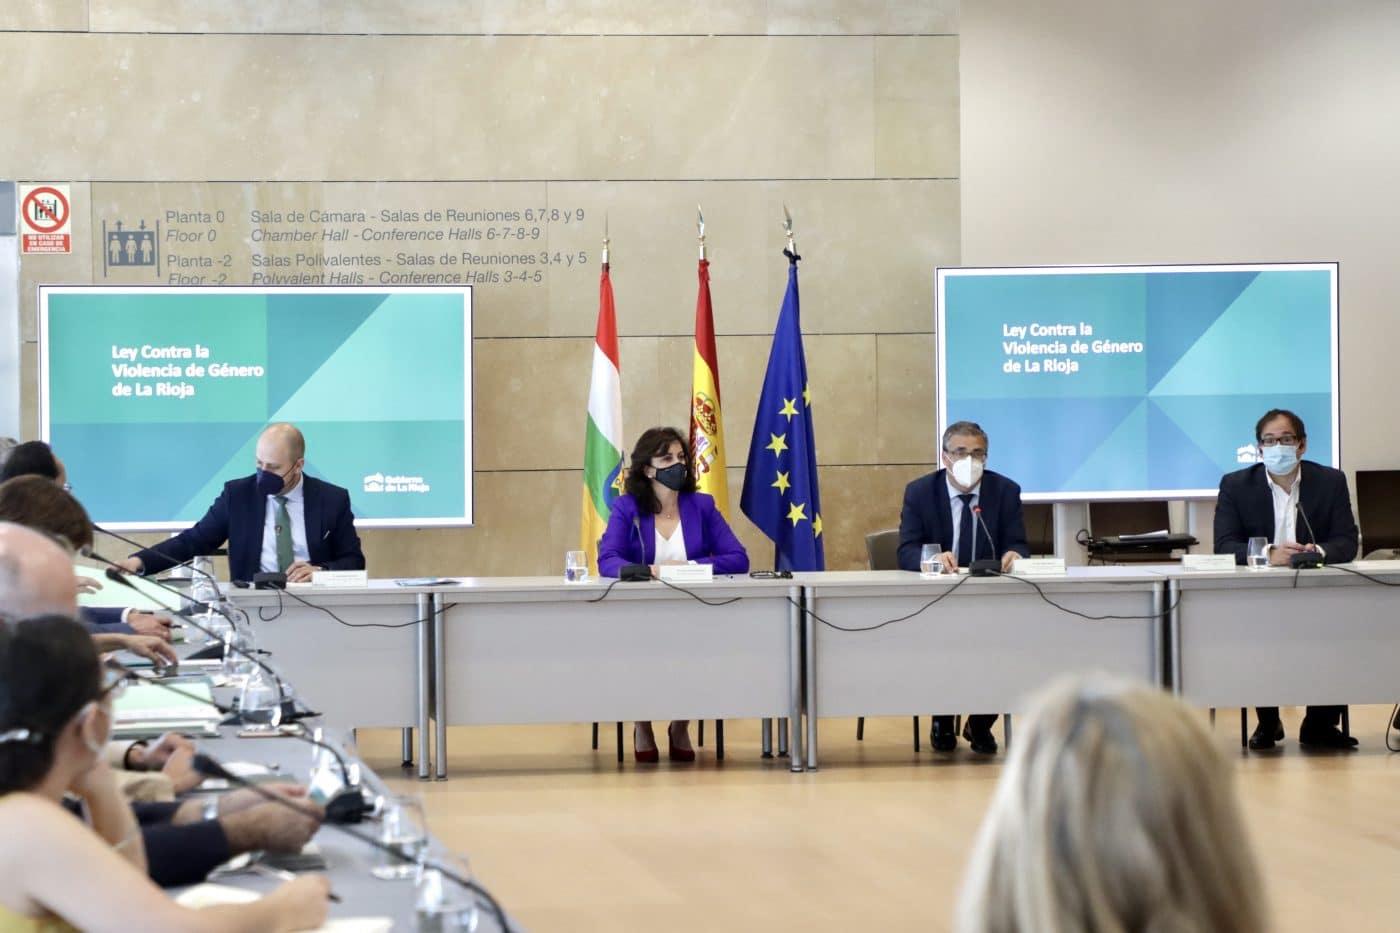 """Andreu quiere que La Rioja pase a ser """"un referente nacional en la erradicación de la violencia machista"""" 1"""